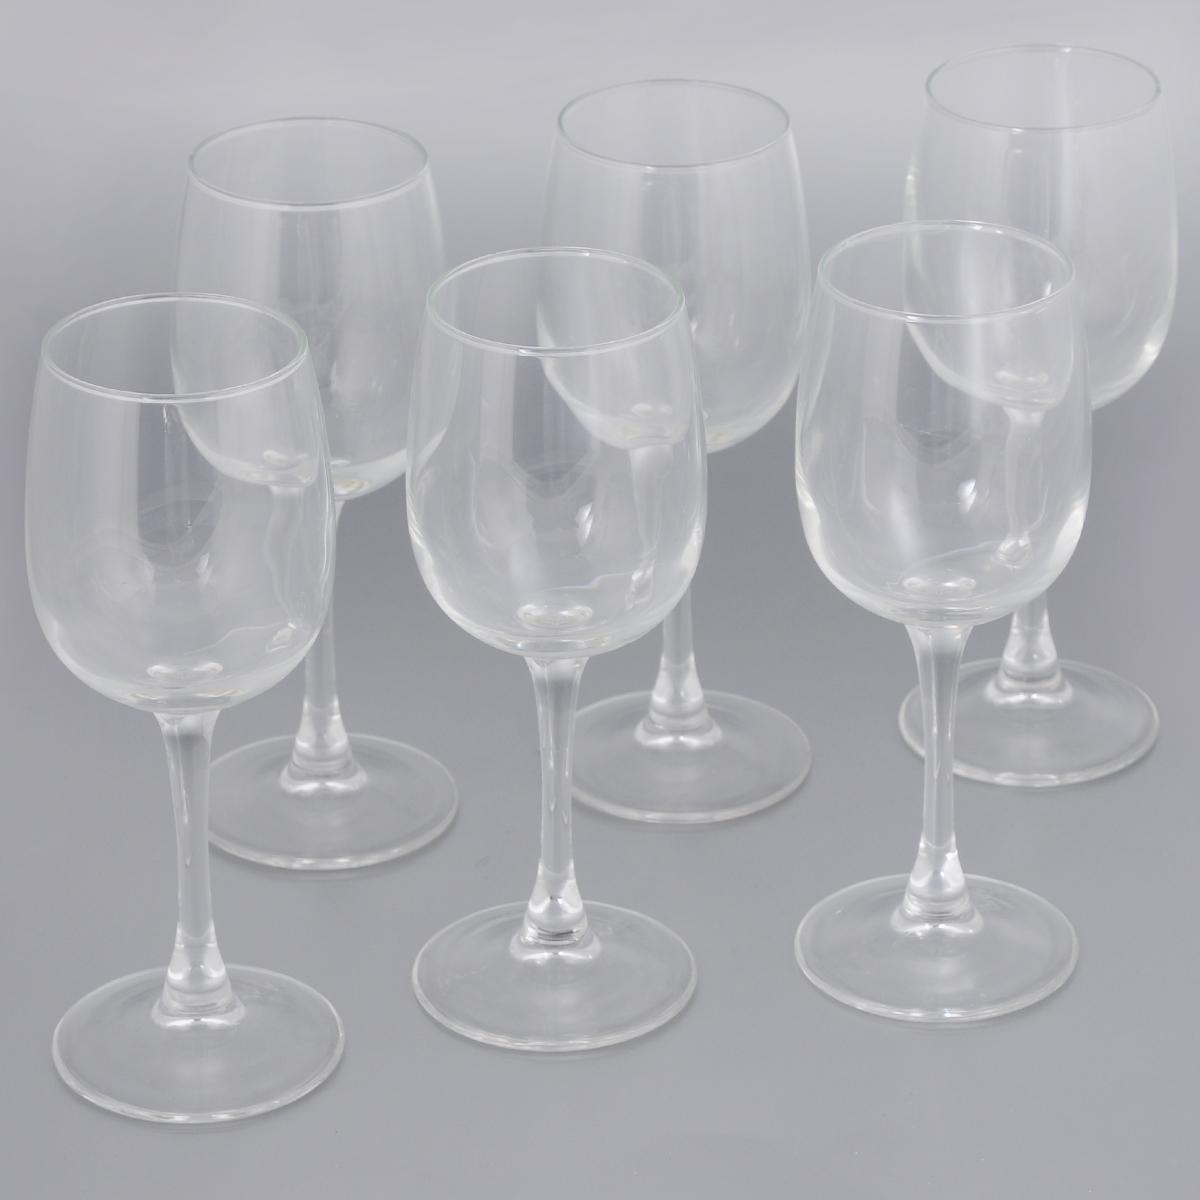 Набор фужеров для вина Luminarc Allegresse, 230 мл, 6 штJ8163Набор Luminarc Allegresse состоит из 6 классических фужеров, выполненных из прочного натрий-кальций-силикатного стекла. Изделия оснащены высокими тонкими ножками и предназначены для подачи вина. Они сочетают в себе элегантный дизайн и функциональность. Благодаря такому набору пить напитки будет еще вкуснее. Набор фужеров Luminarc Allegresse прекрасно оформит праздничный стол и создаст приятную атмосферу за романтическим ужином. Такой набор также станет хорошим подарком к любому случаю. Можно мыть в посудомоечной машине. Диаметр фужера (по верхнему краю): 5,8 см. Высота фужера: 18,2 см. Диаметр основания: 7 см.